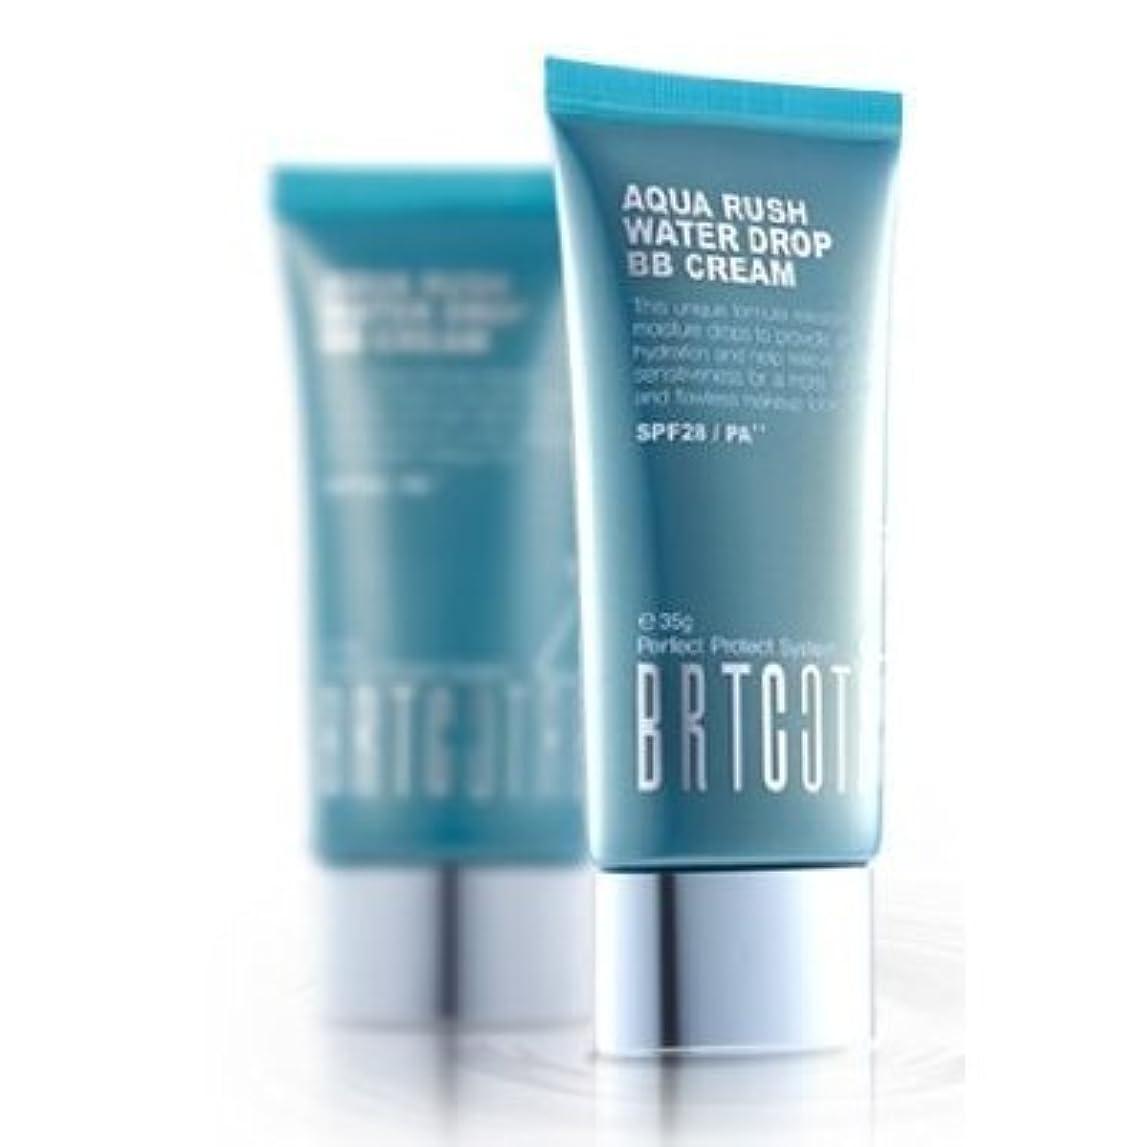 ずるいレルムはねかけるKOREAN COSMETICS, BRTC, Aqua Rush Water Drop BB Cream 60g (intensive moisturizing, skin tone correction, UV protection...